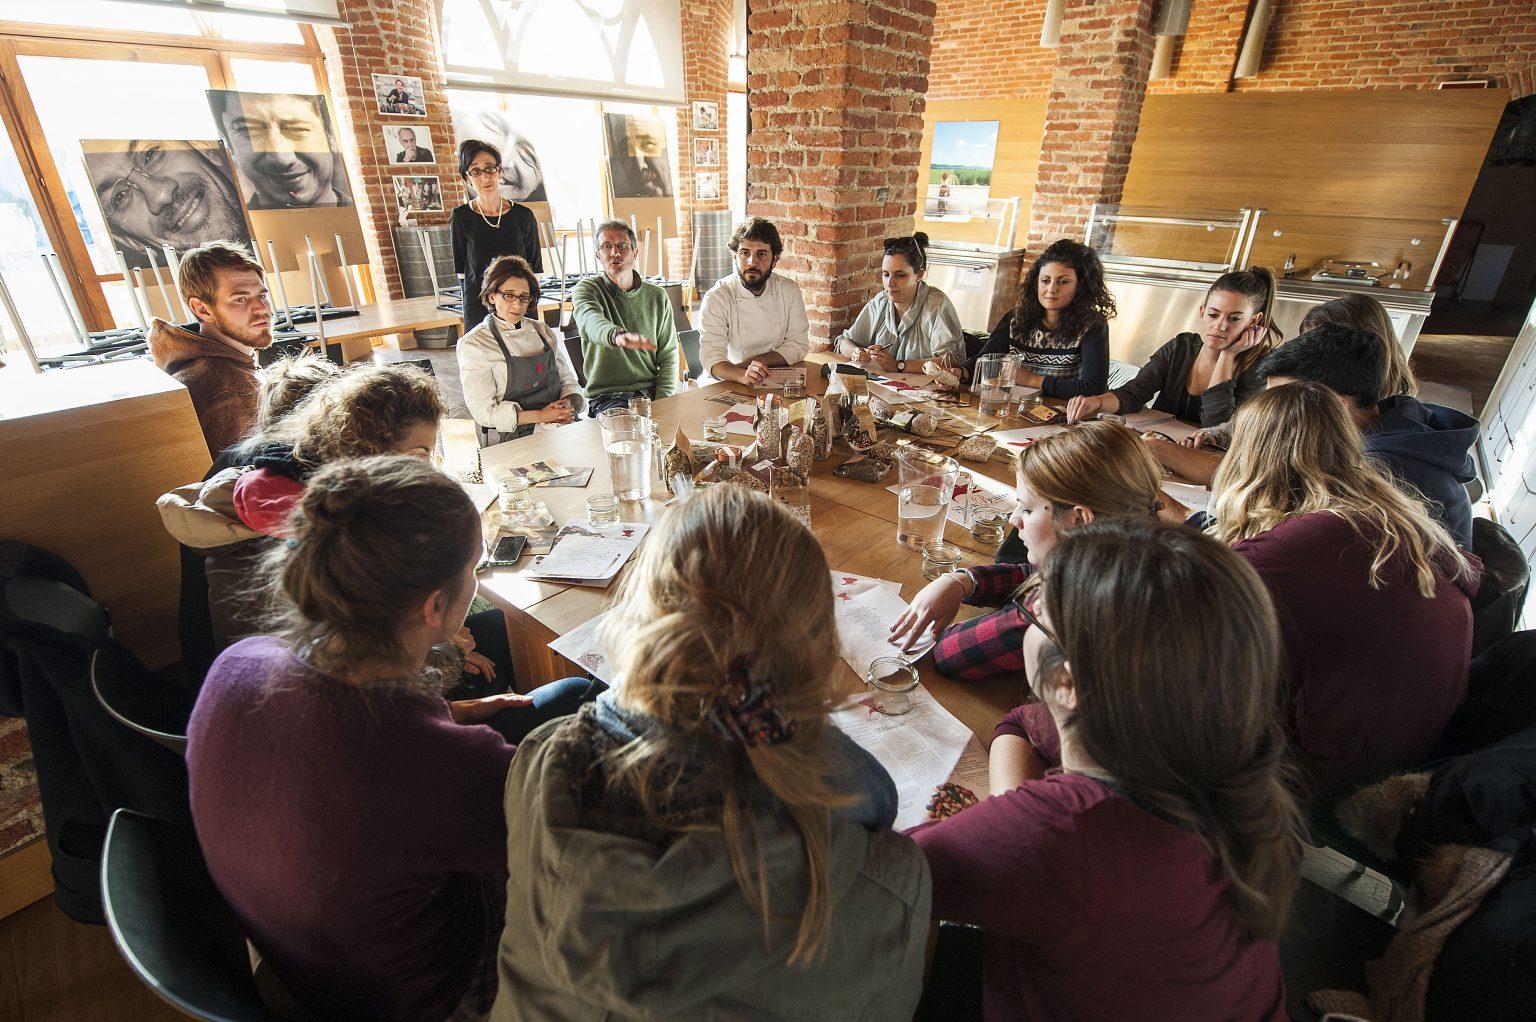 cultura_alimentare_per_i_giovani_con_l_università_del_gusto